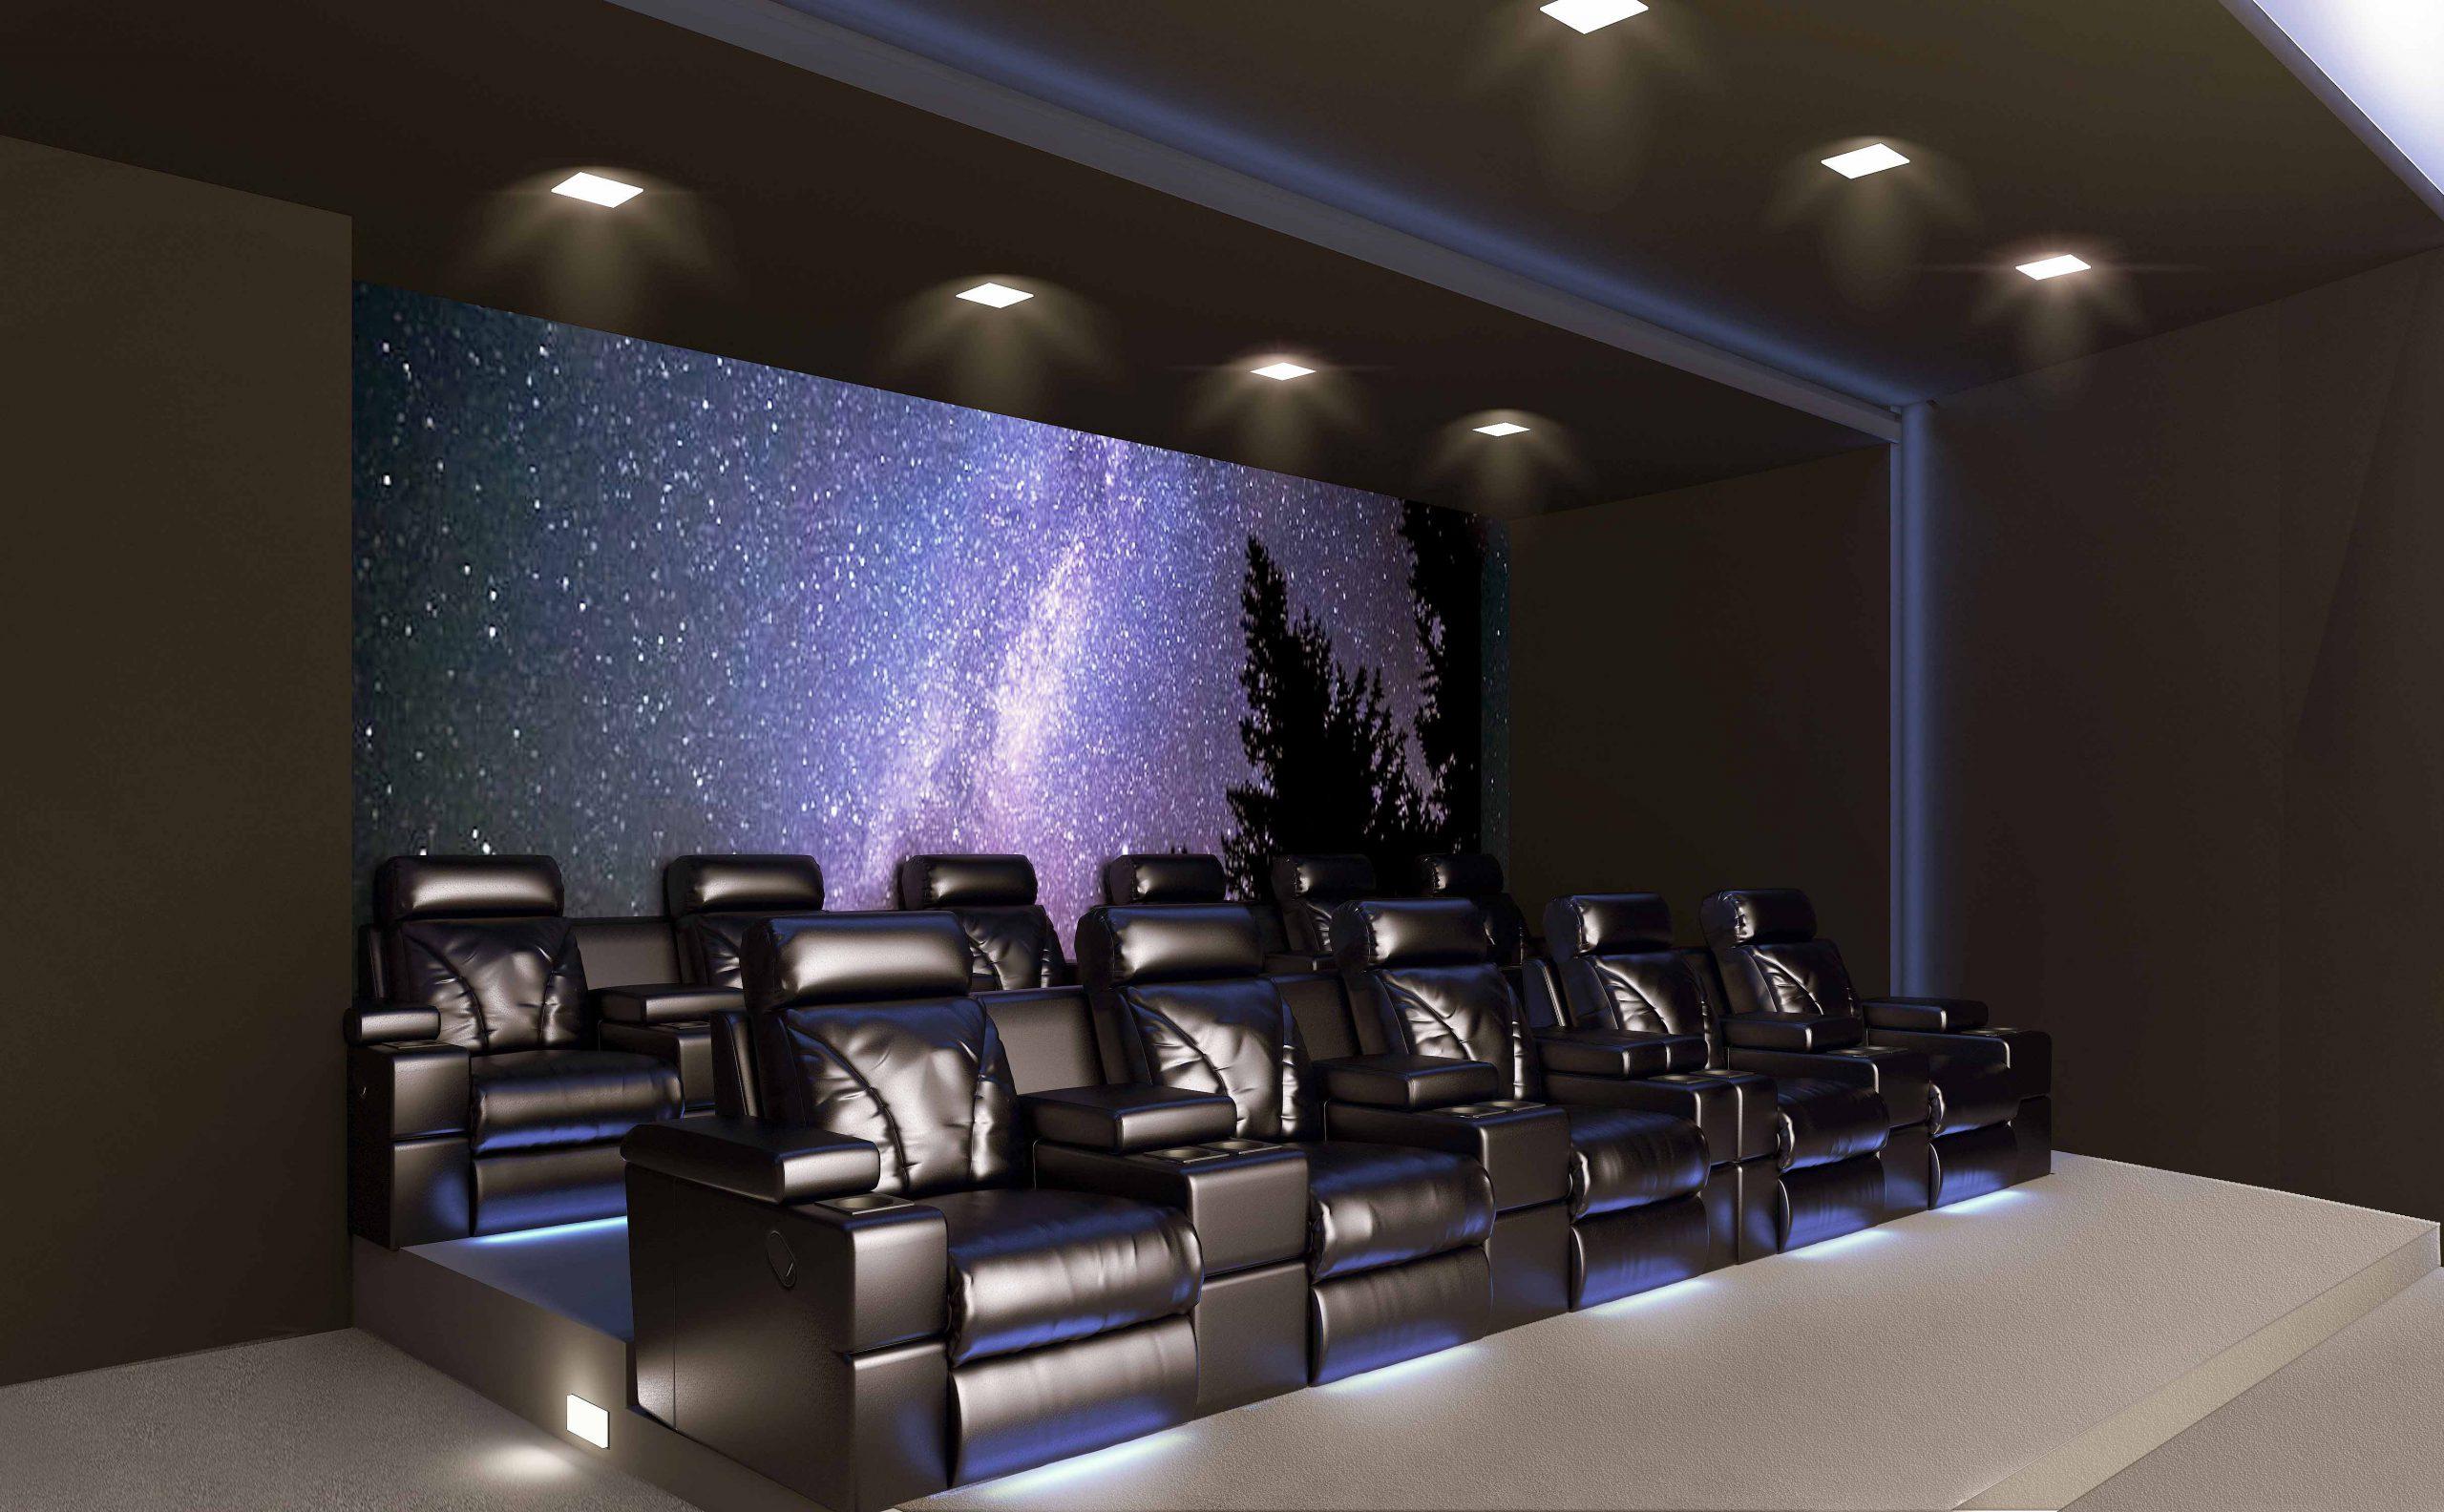 طراحی سینما خانگی مدرن